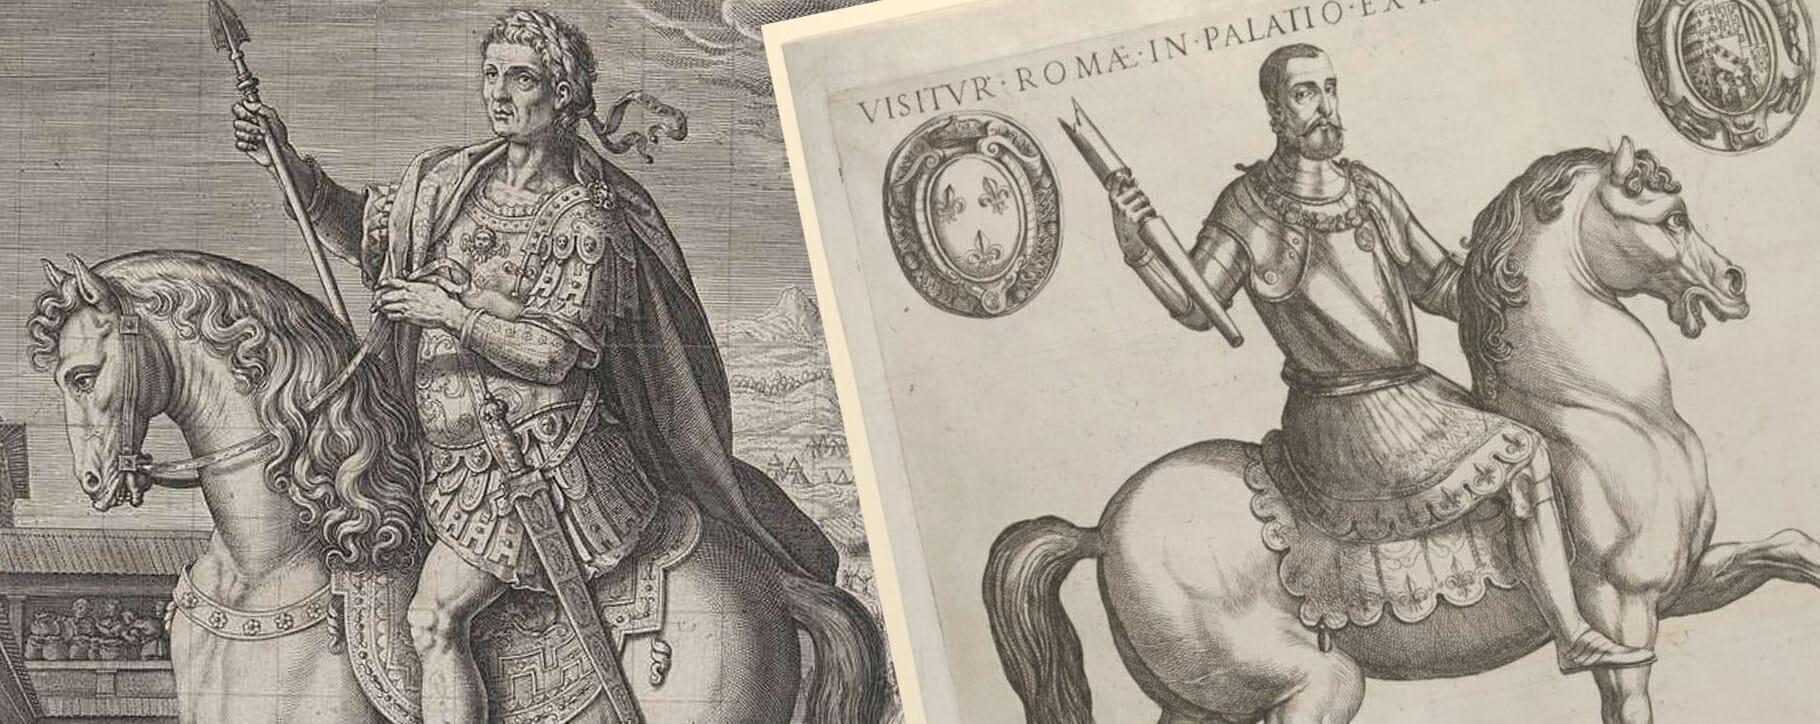 Roman Equestrian Horseback Prints